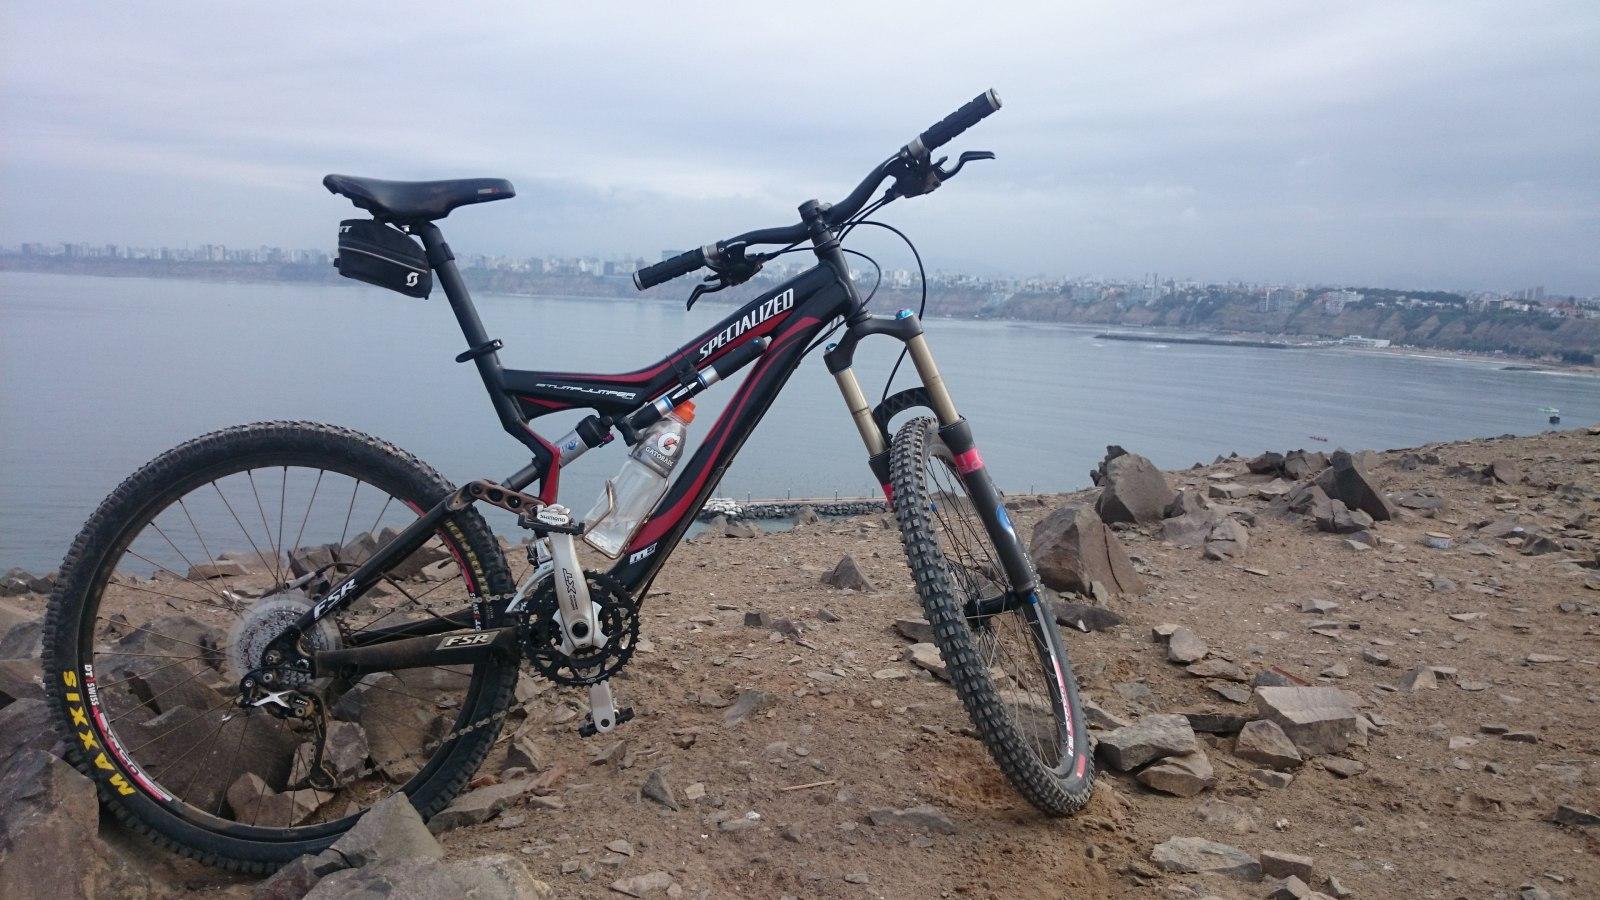 ¿Cómo es tu bicicleta deportiva y cómo la tienes configurada? 2v0ed5i